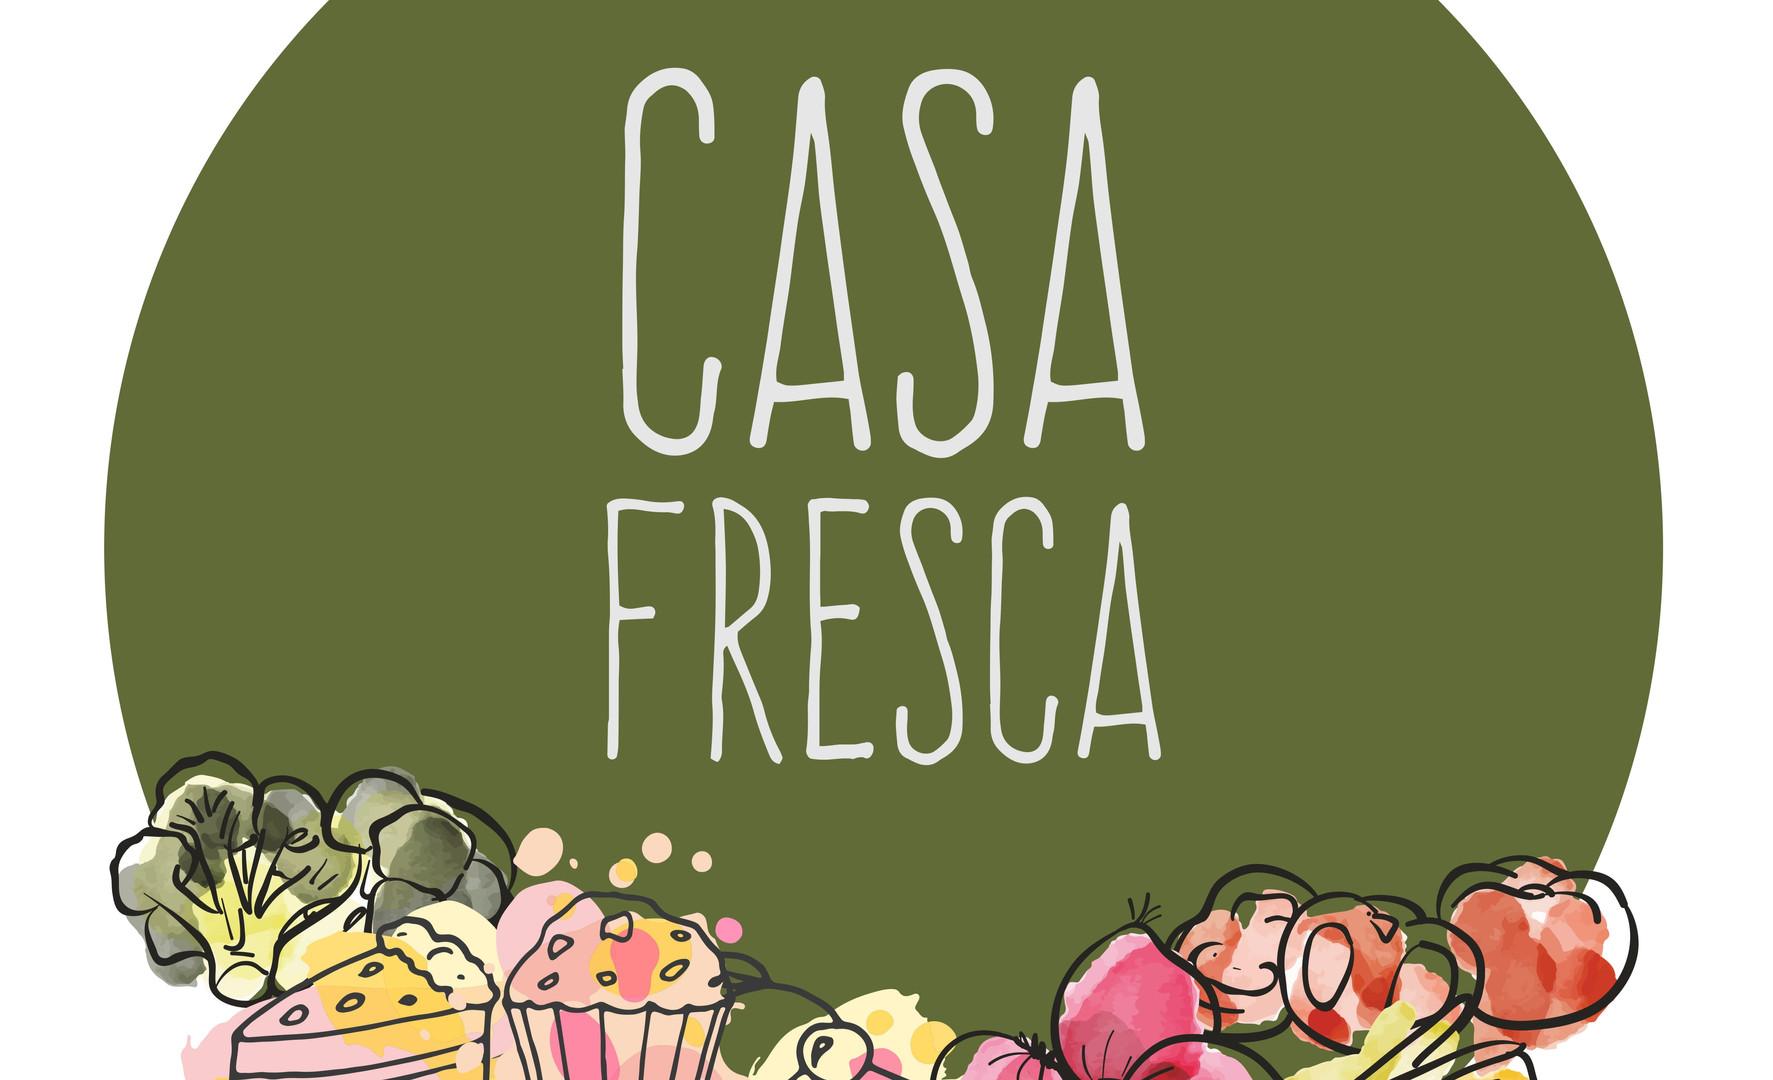 CASA FRESCA